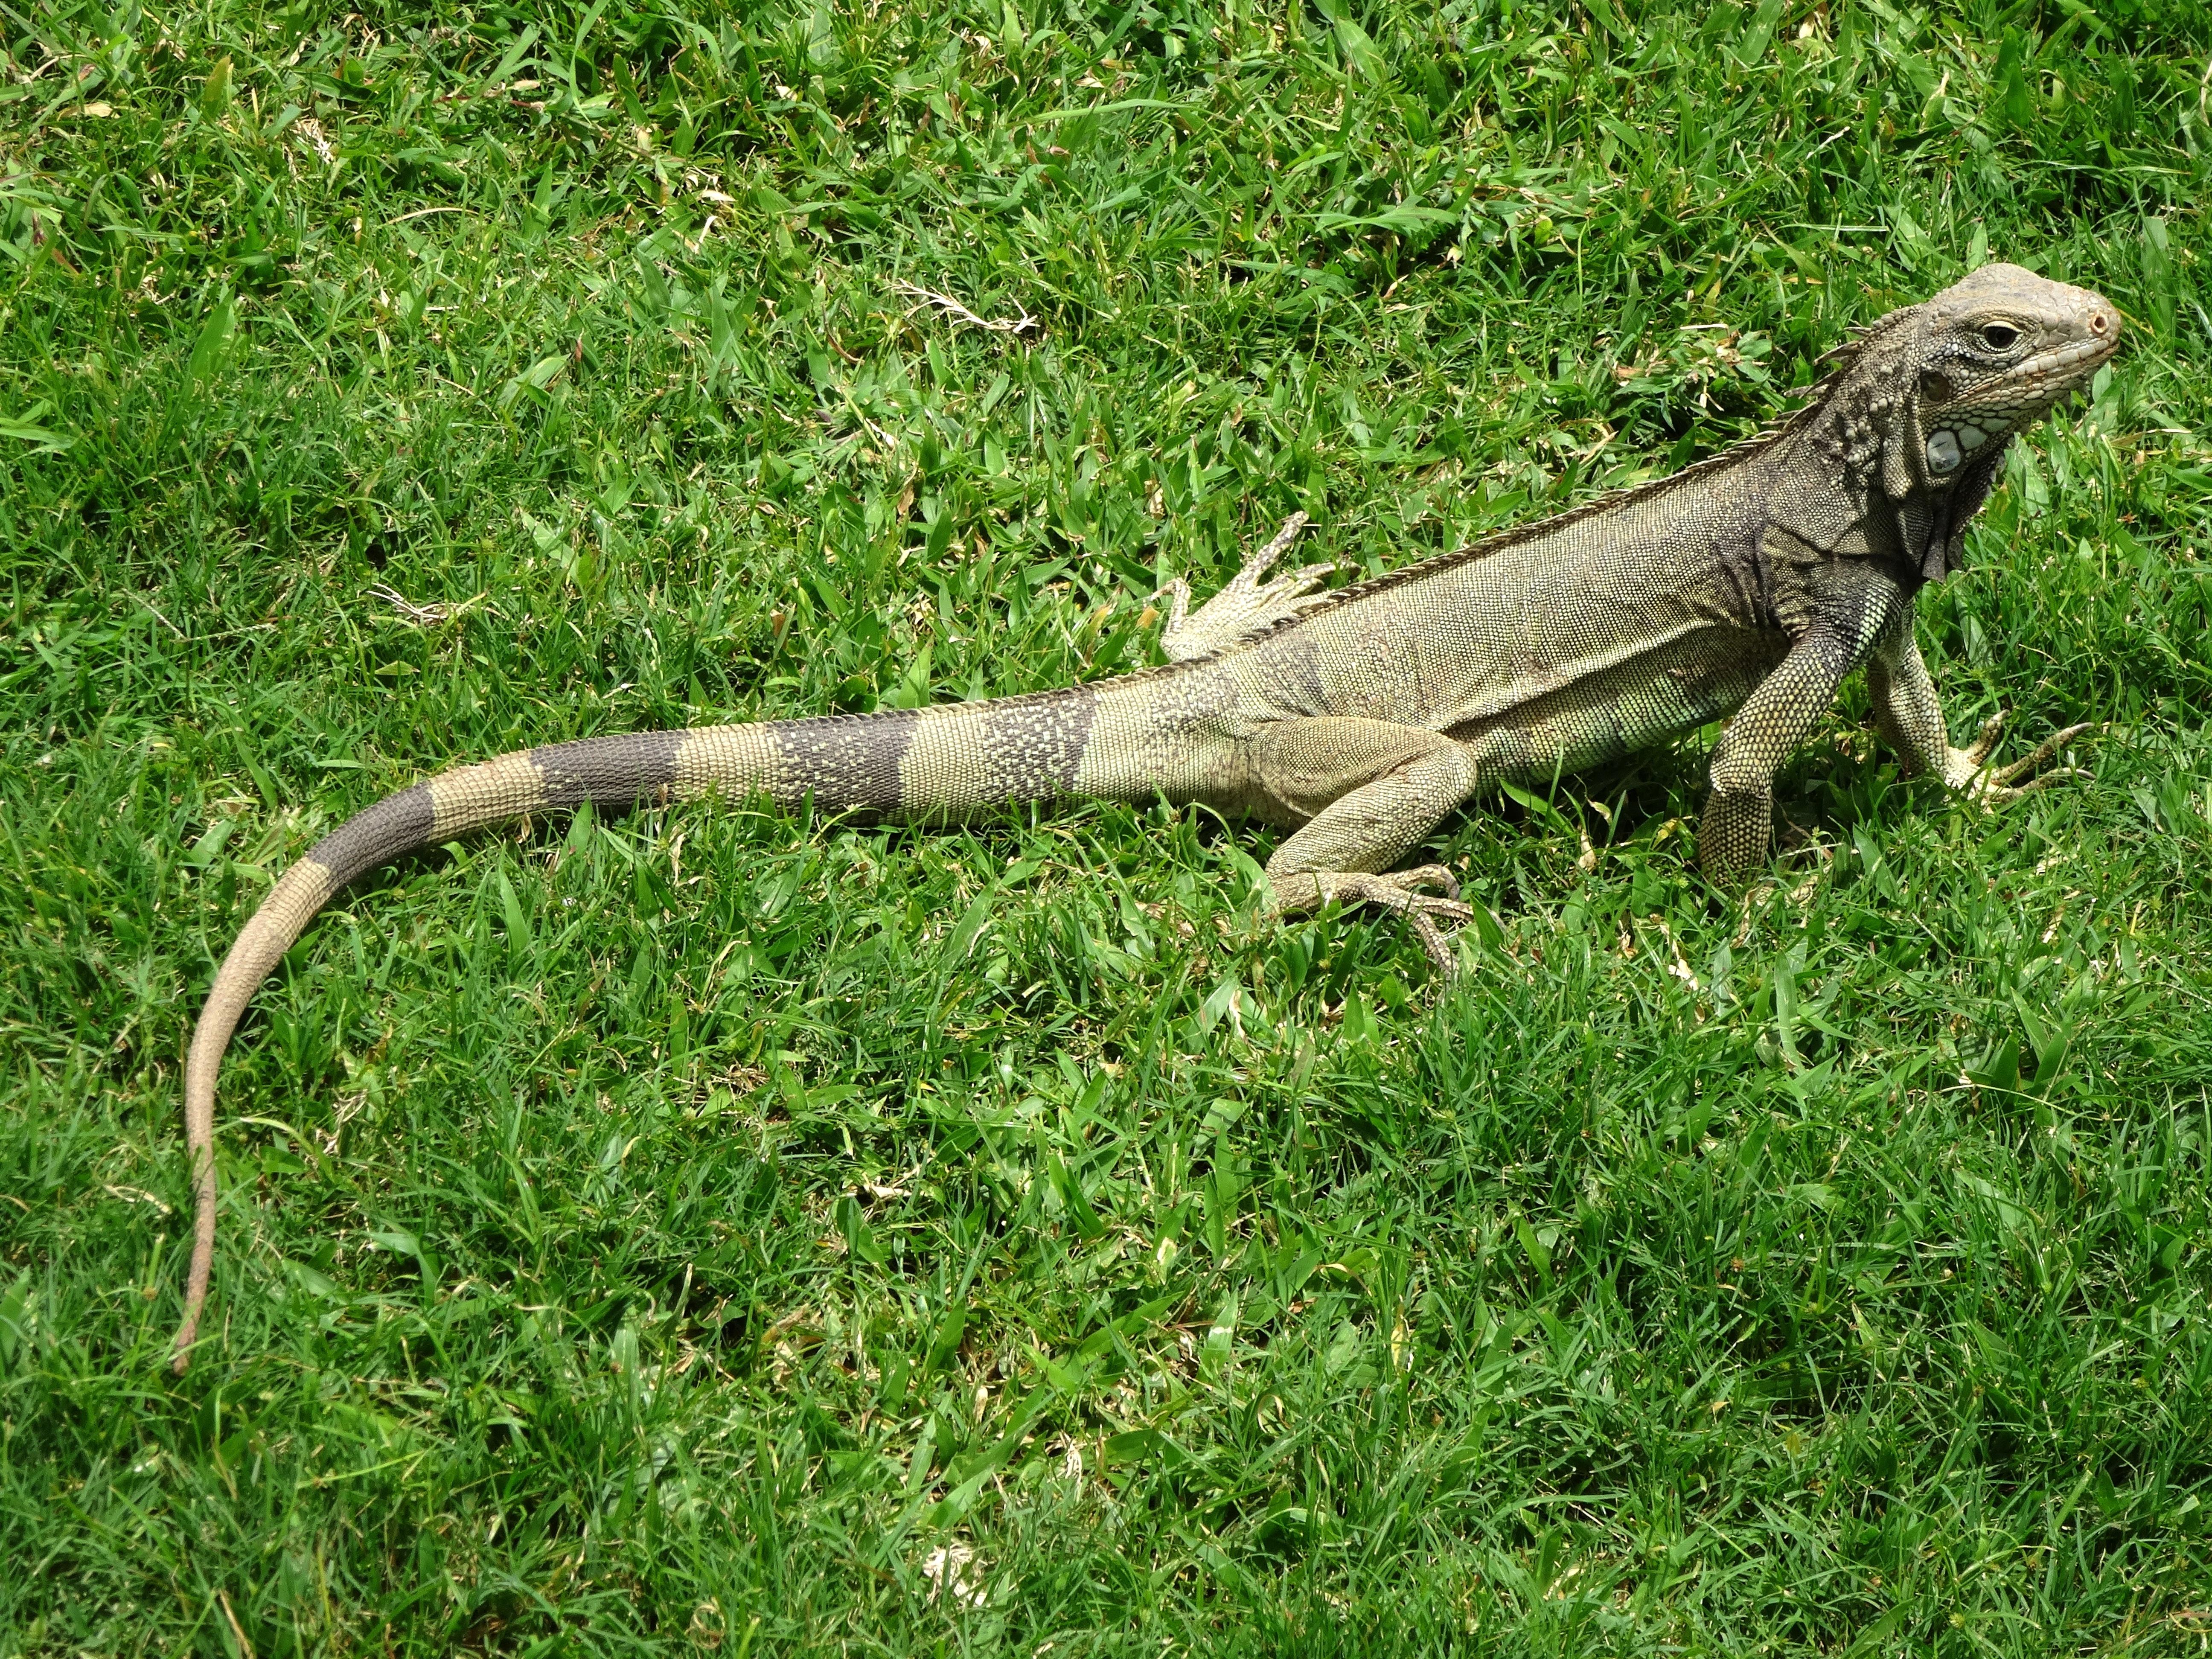 136446 Hintergrundbild herunterladen Tiere, Grass, Eidechse, Leguan, Iguana - Bildschirmschoner und Bilder kostenlos